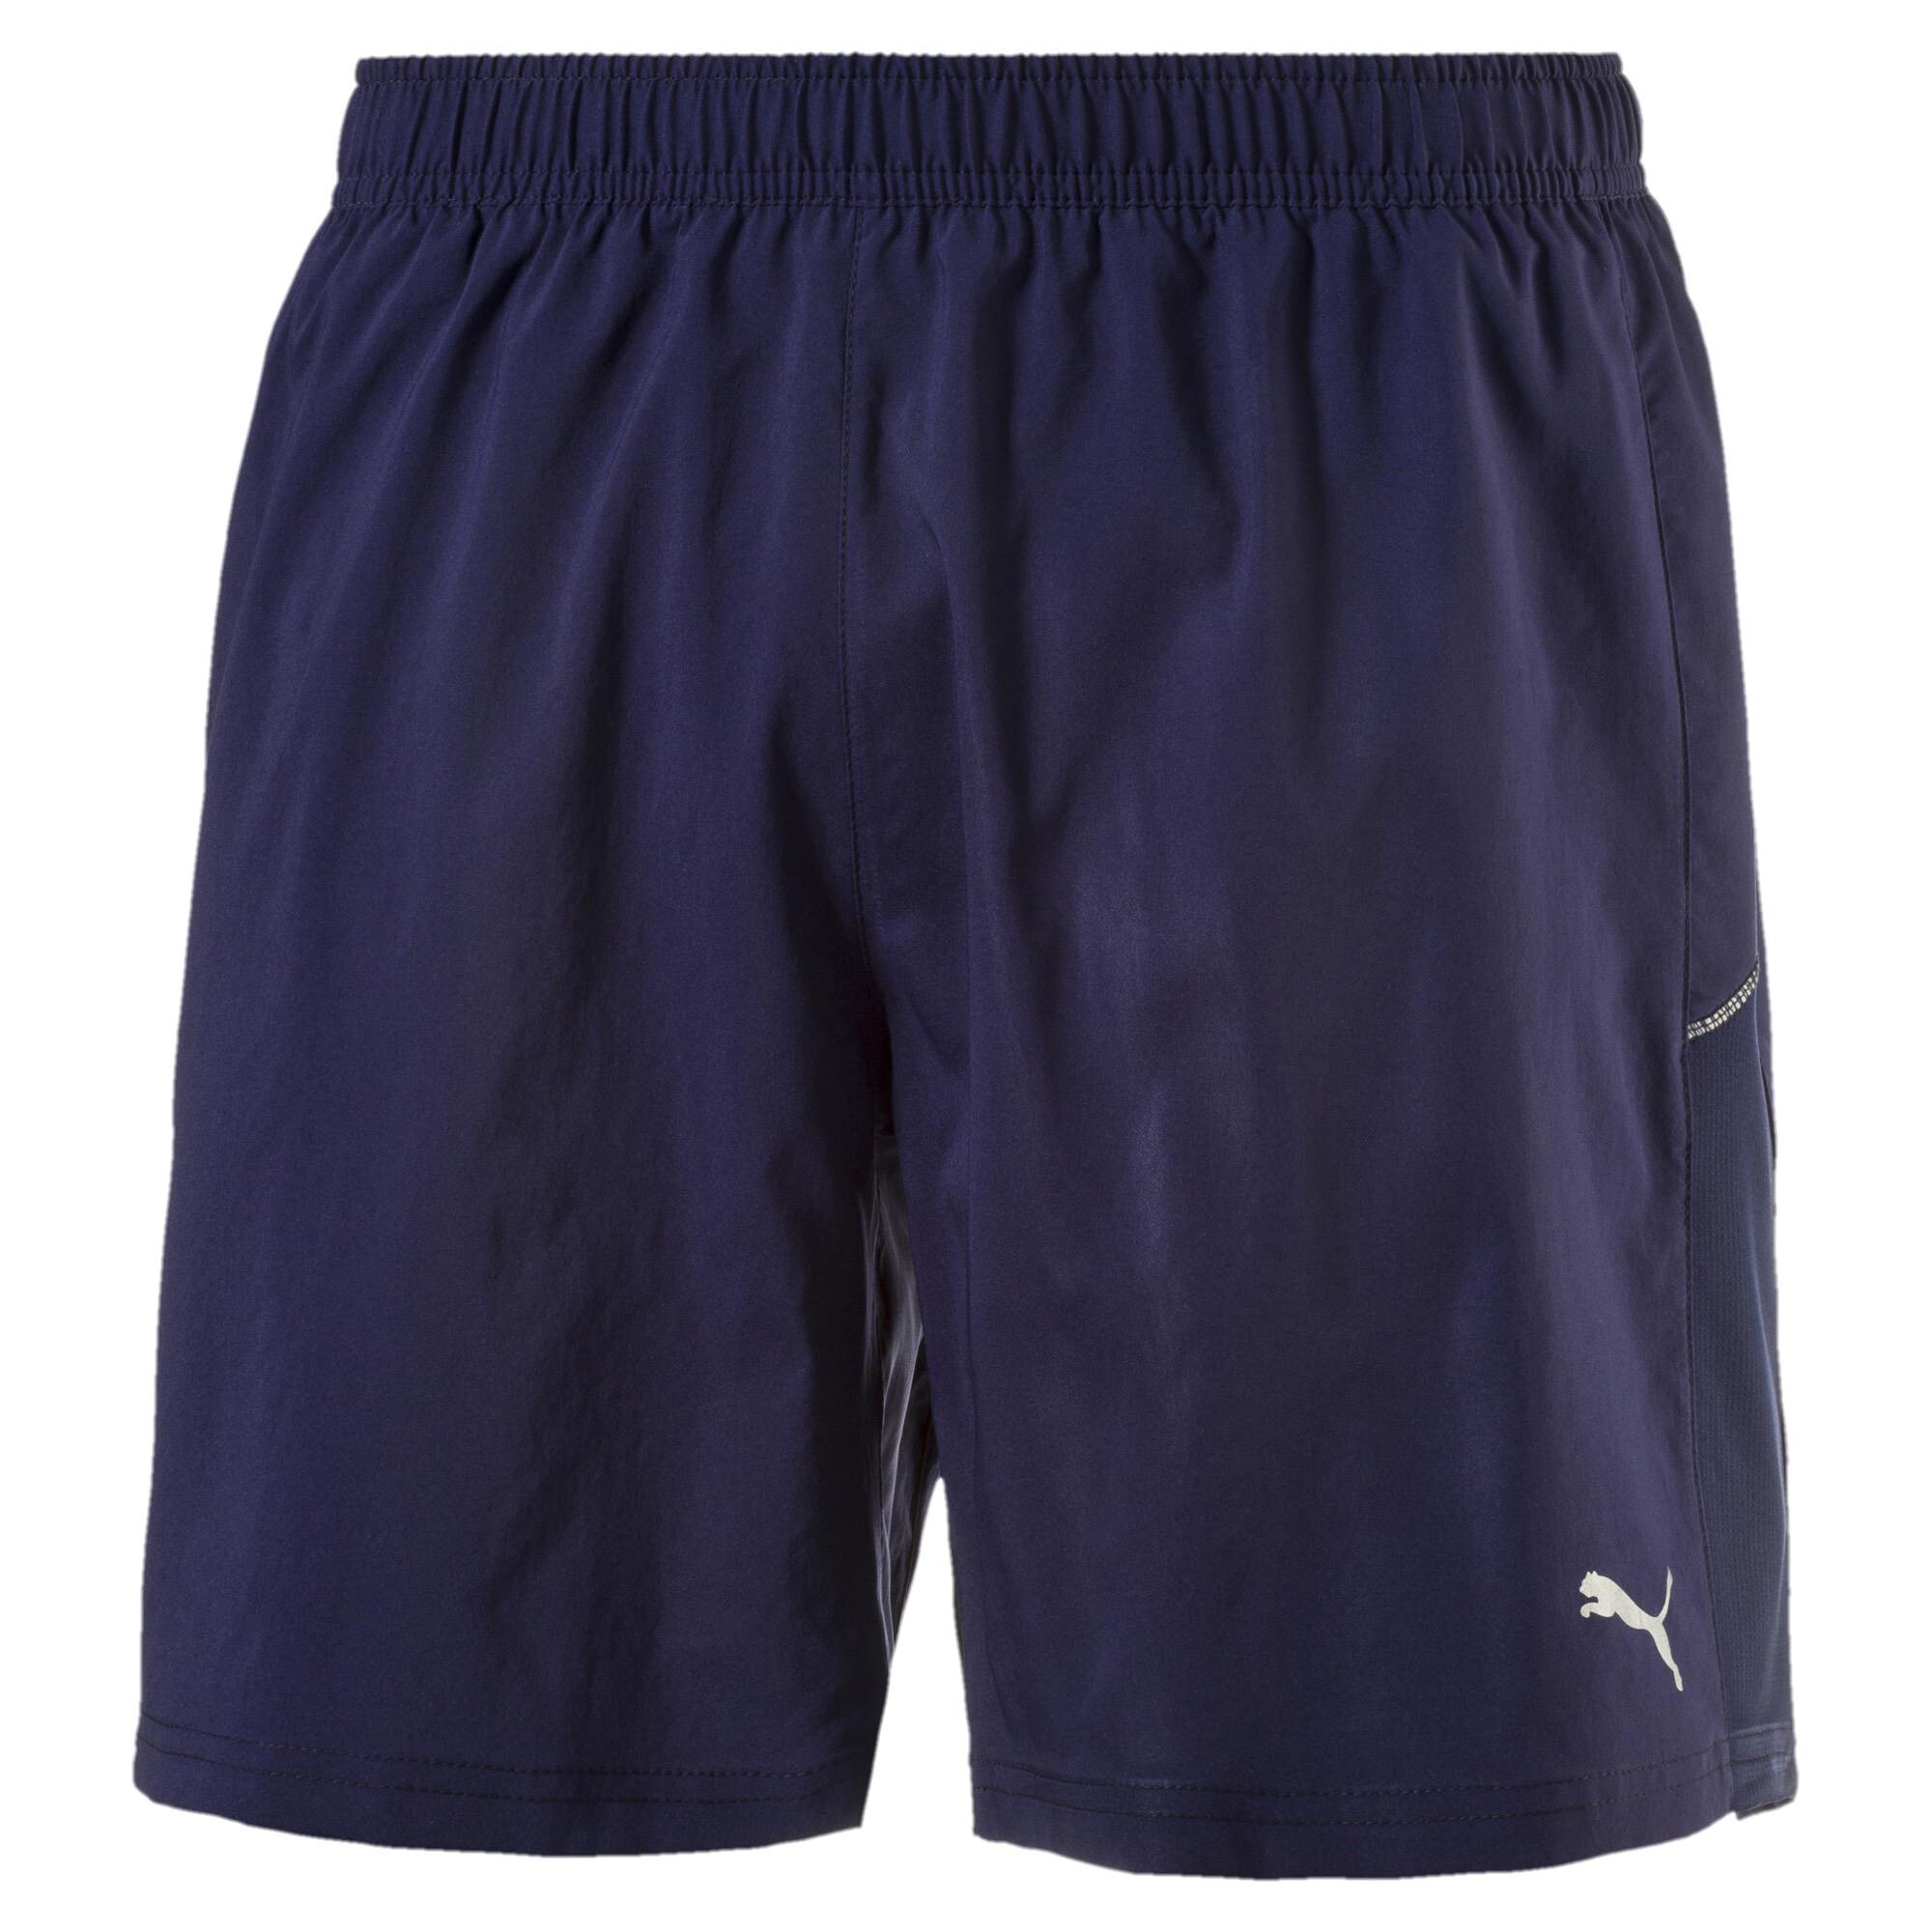 Shorts de running para hombres